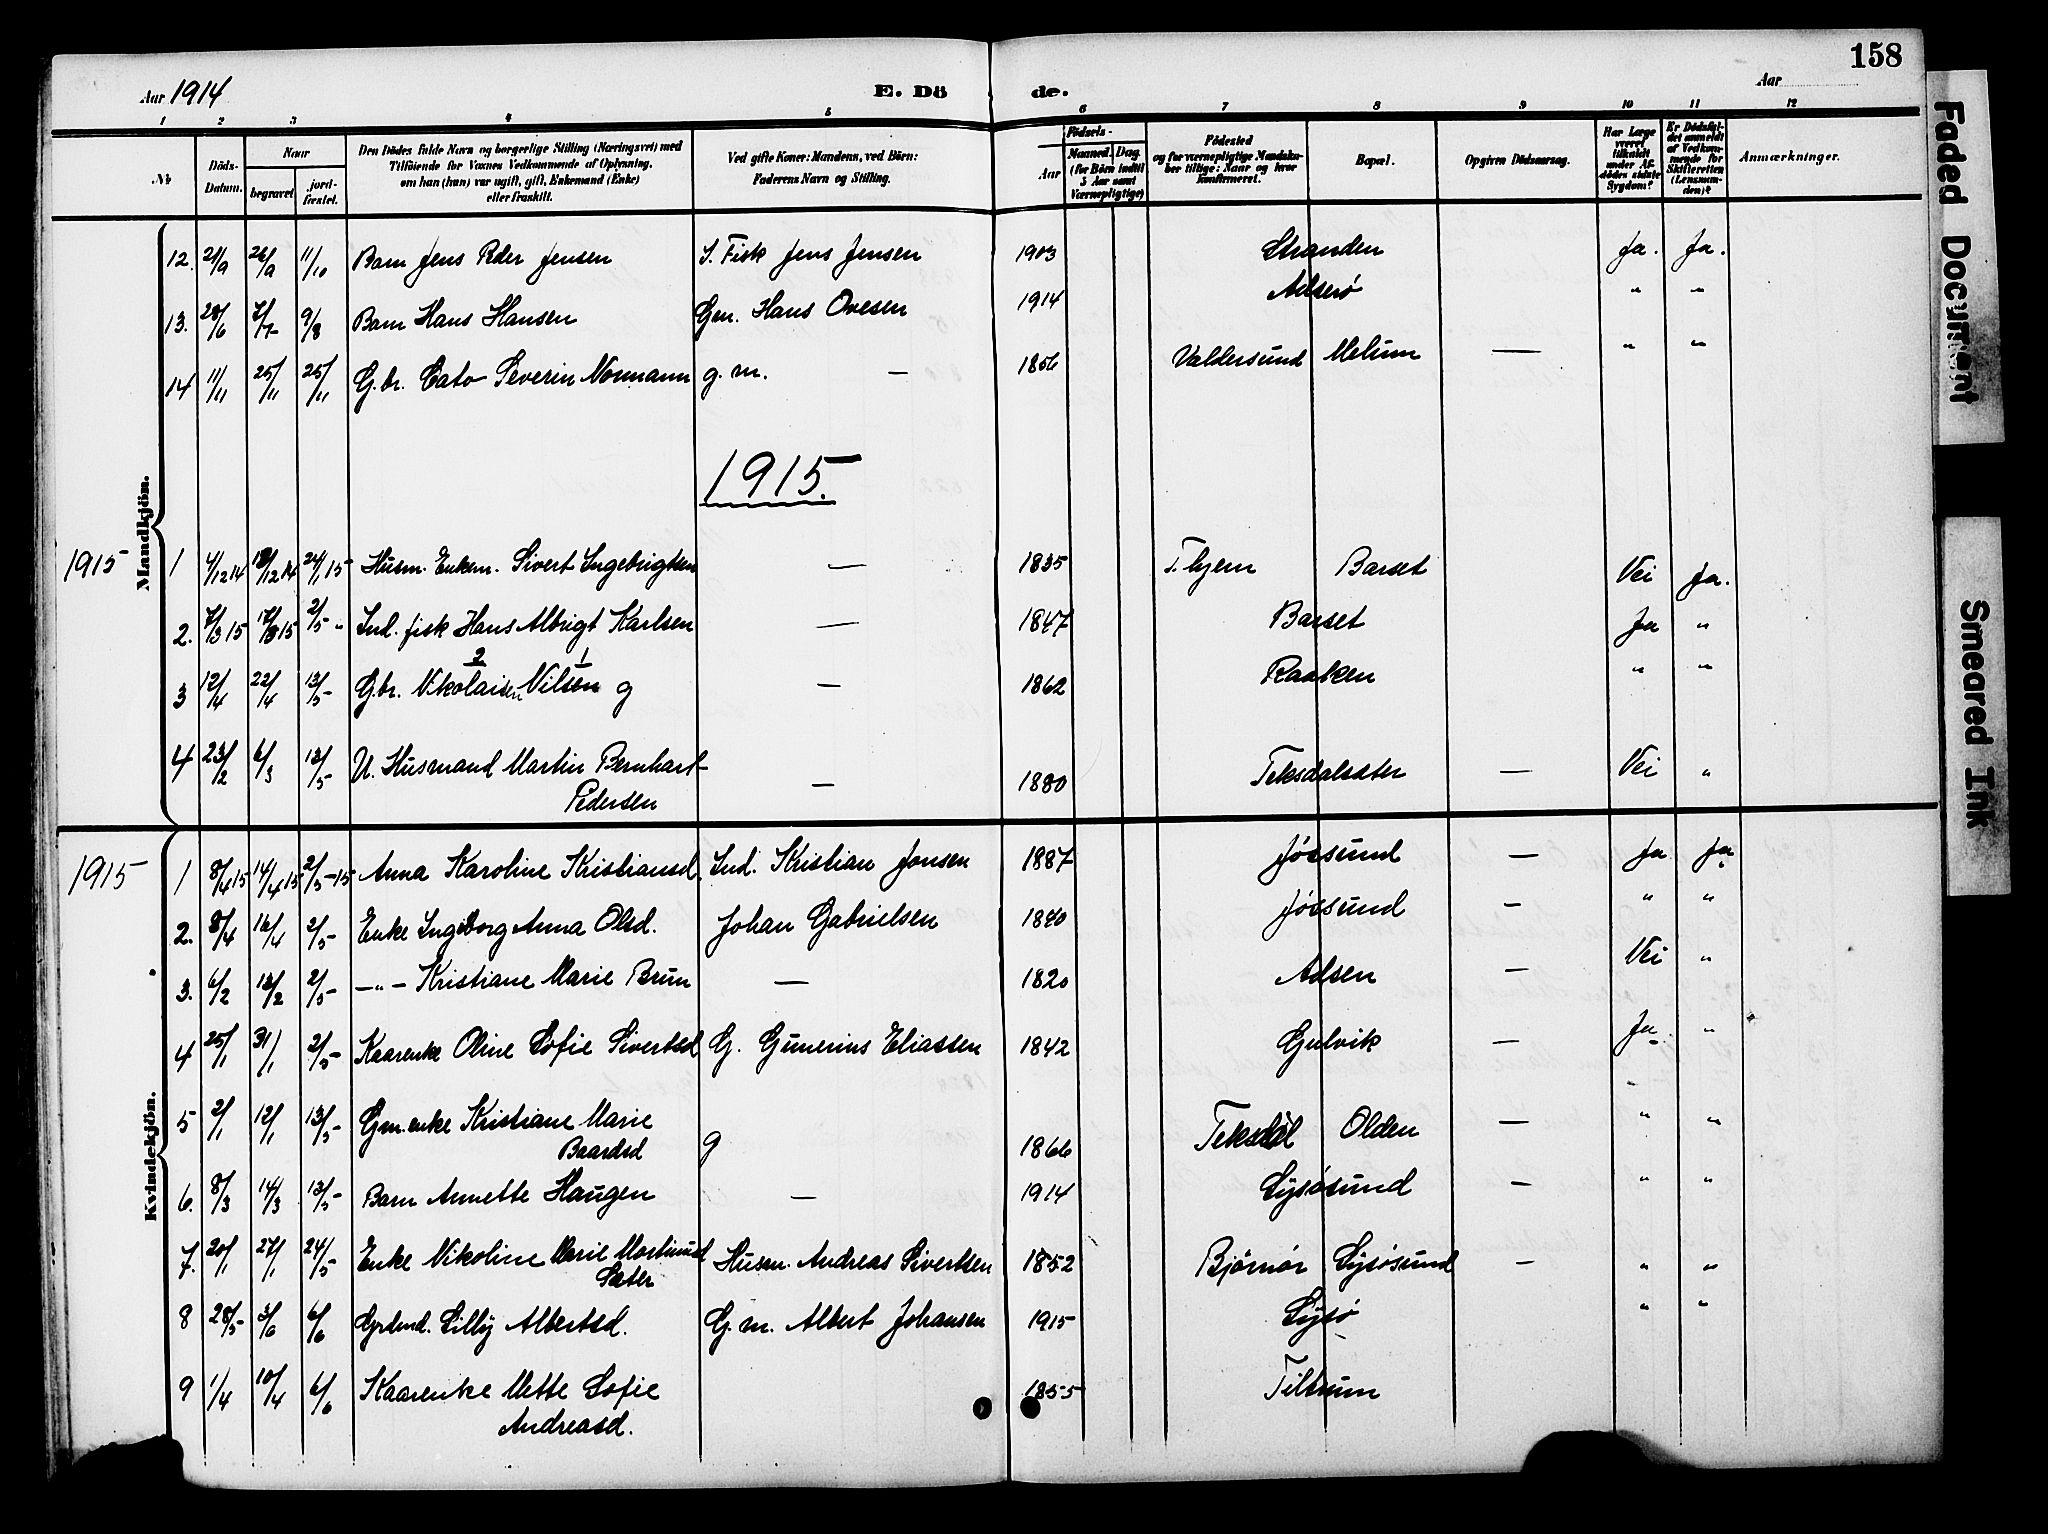 SAT, Ministerialprotokoller, klokkerbøker og fødselsregistre - Sør-Trøndelag, 654/L0666: Klokkerbok nr. 654C02, 1901-1925, s. 158